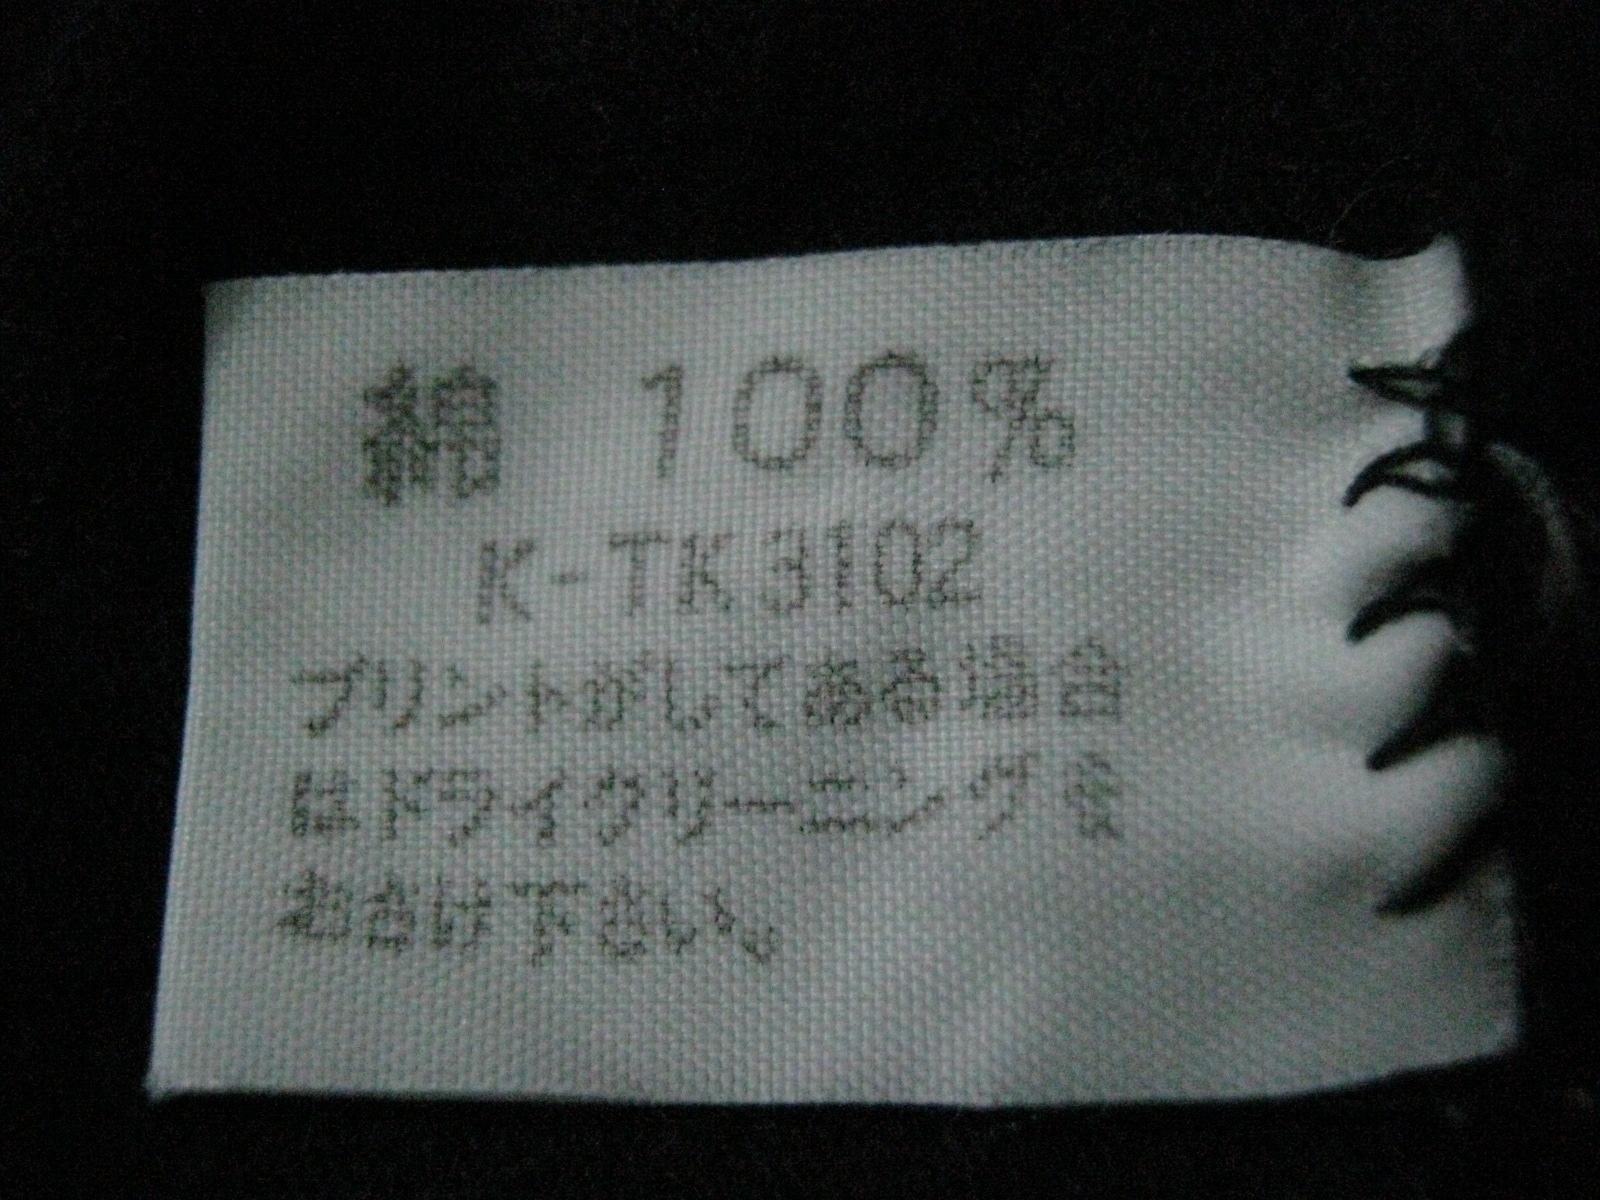 http://3.bp.blogspot.com/_t9vCIB6JHFw/TTp06zSTDPI/AAAAAAAAC6c/T81pZsMyV3Q/s1600/IMG_5038.JPG